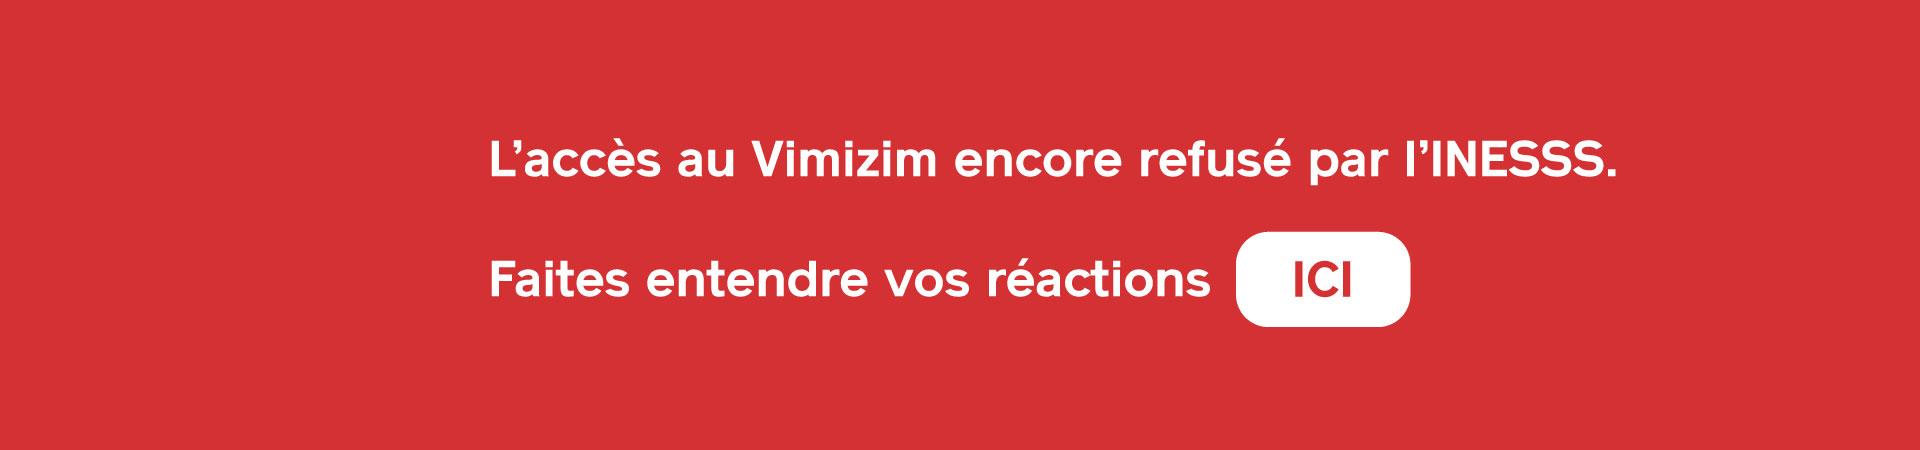 Morquoi_Bannière-Web_Refus 2